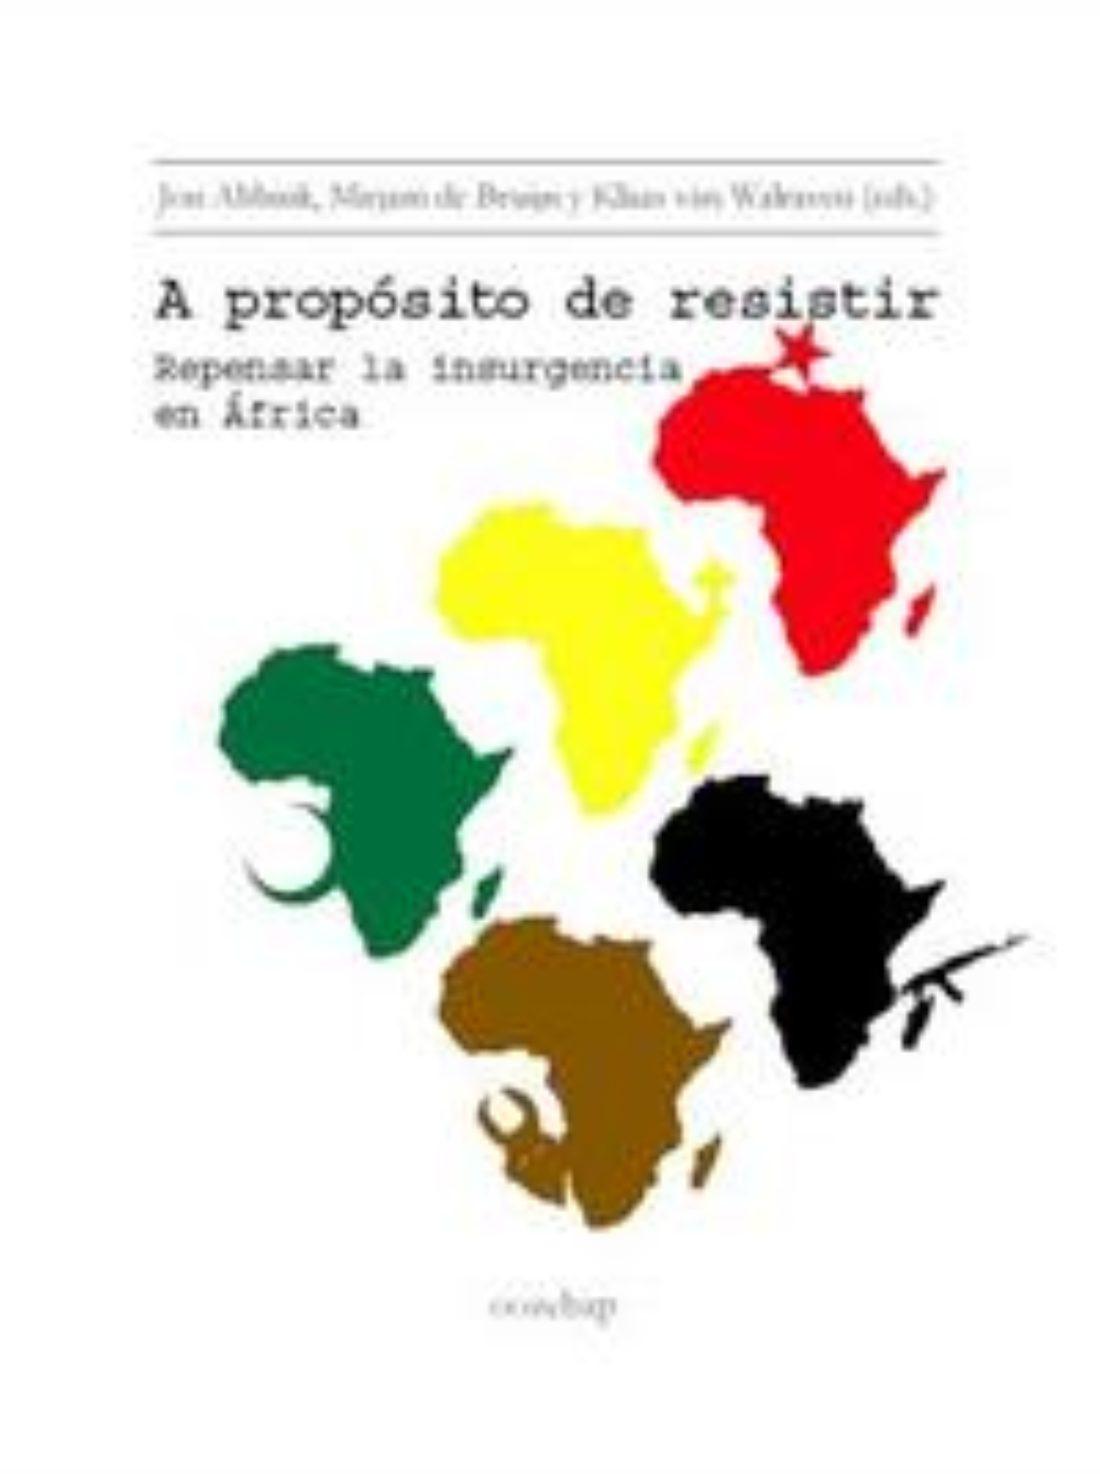 Traficantes de Sueños: presentación «A propósito de resistir. Repensar la insurgencia en África.»